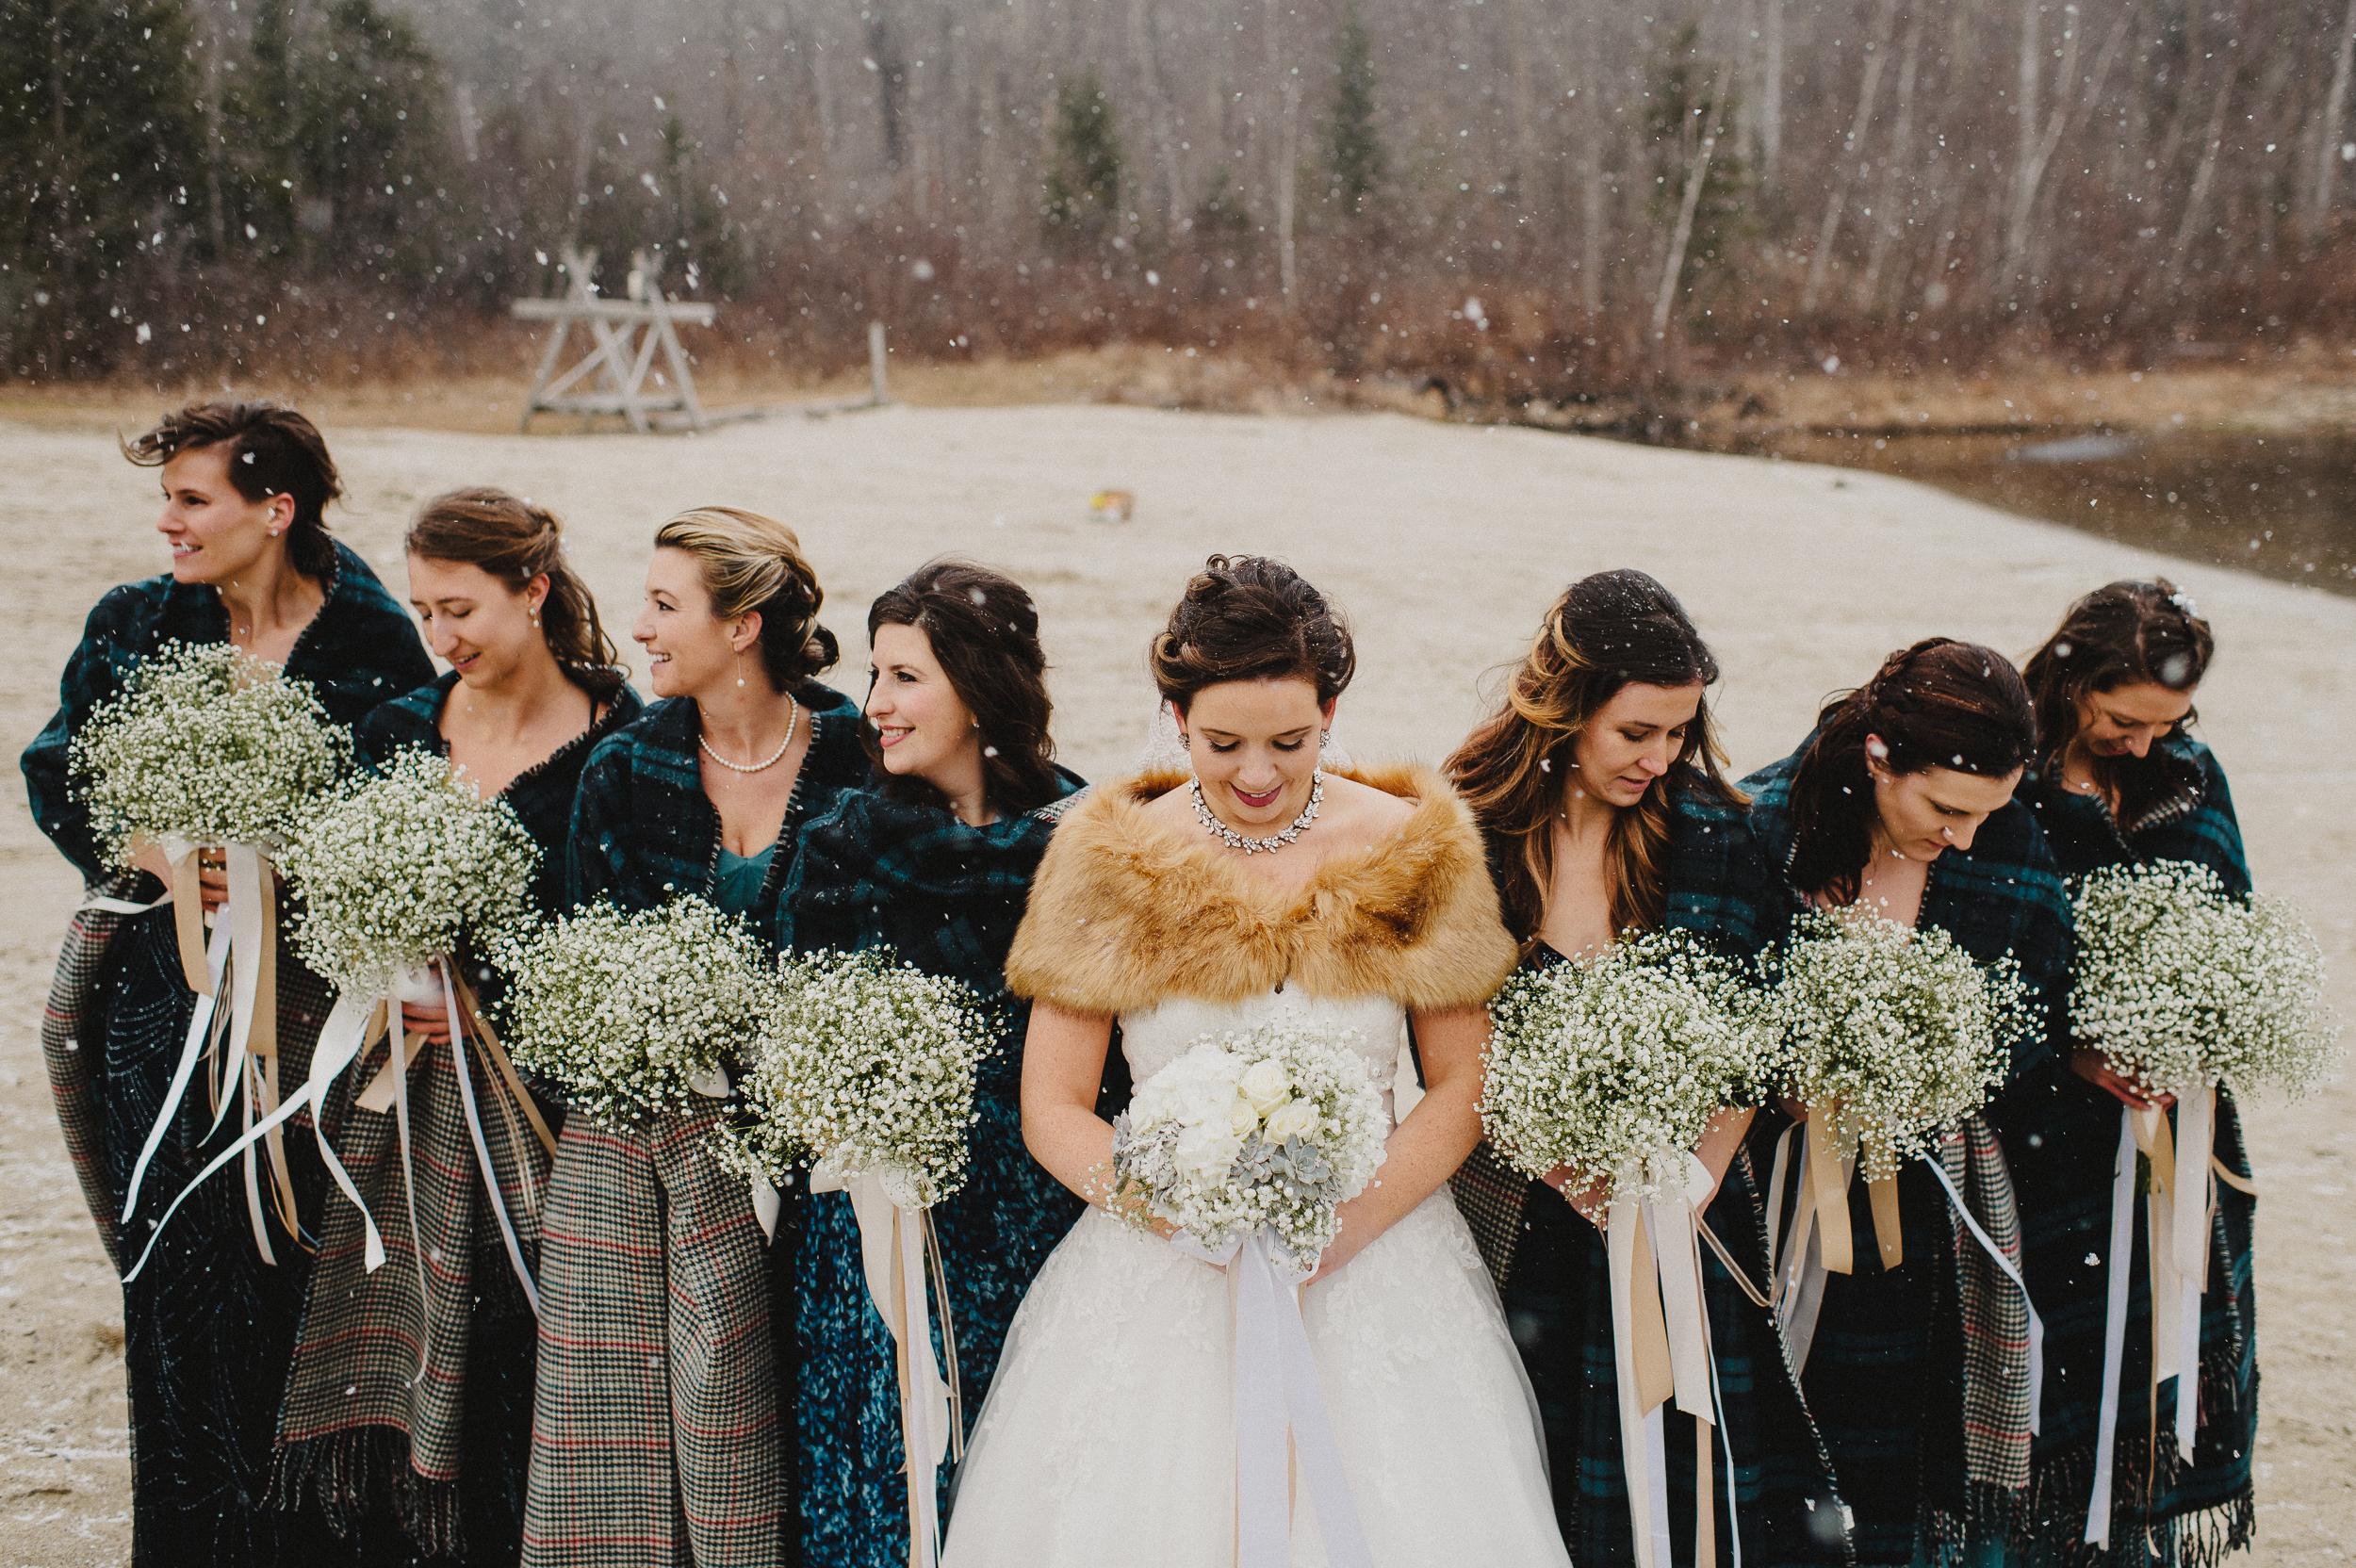 vermont-destination-wedding-photographer-26.jpg